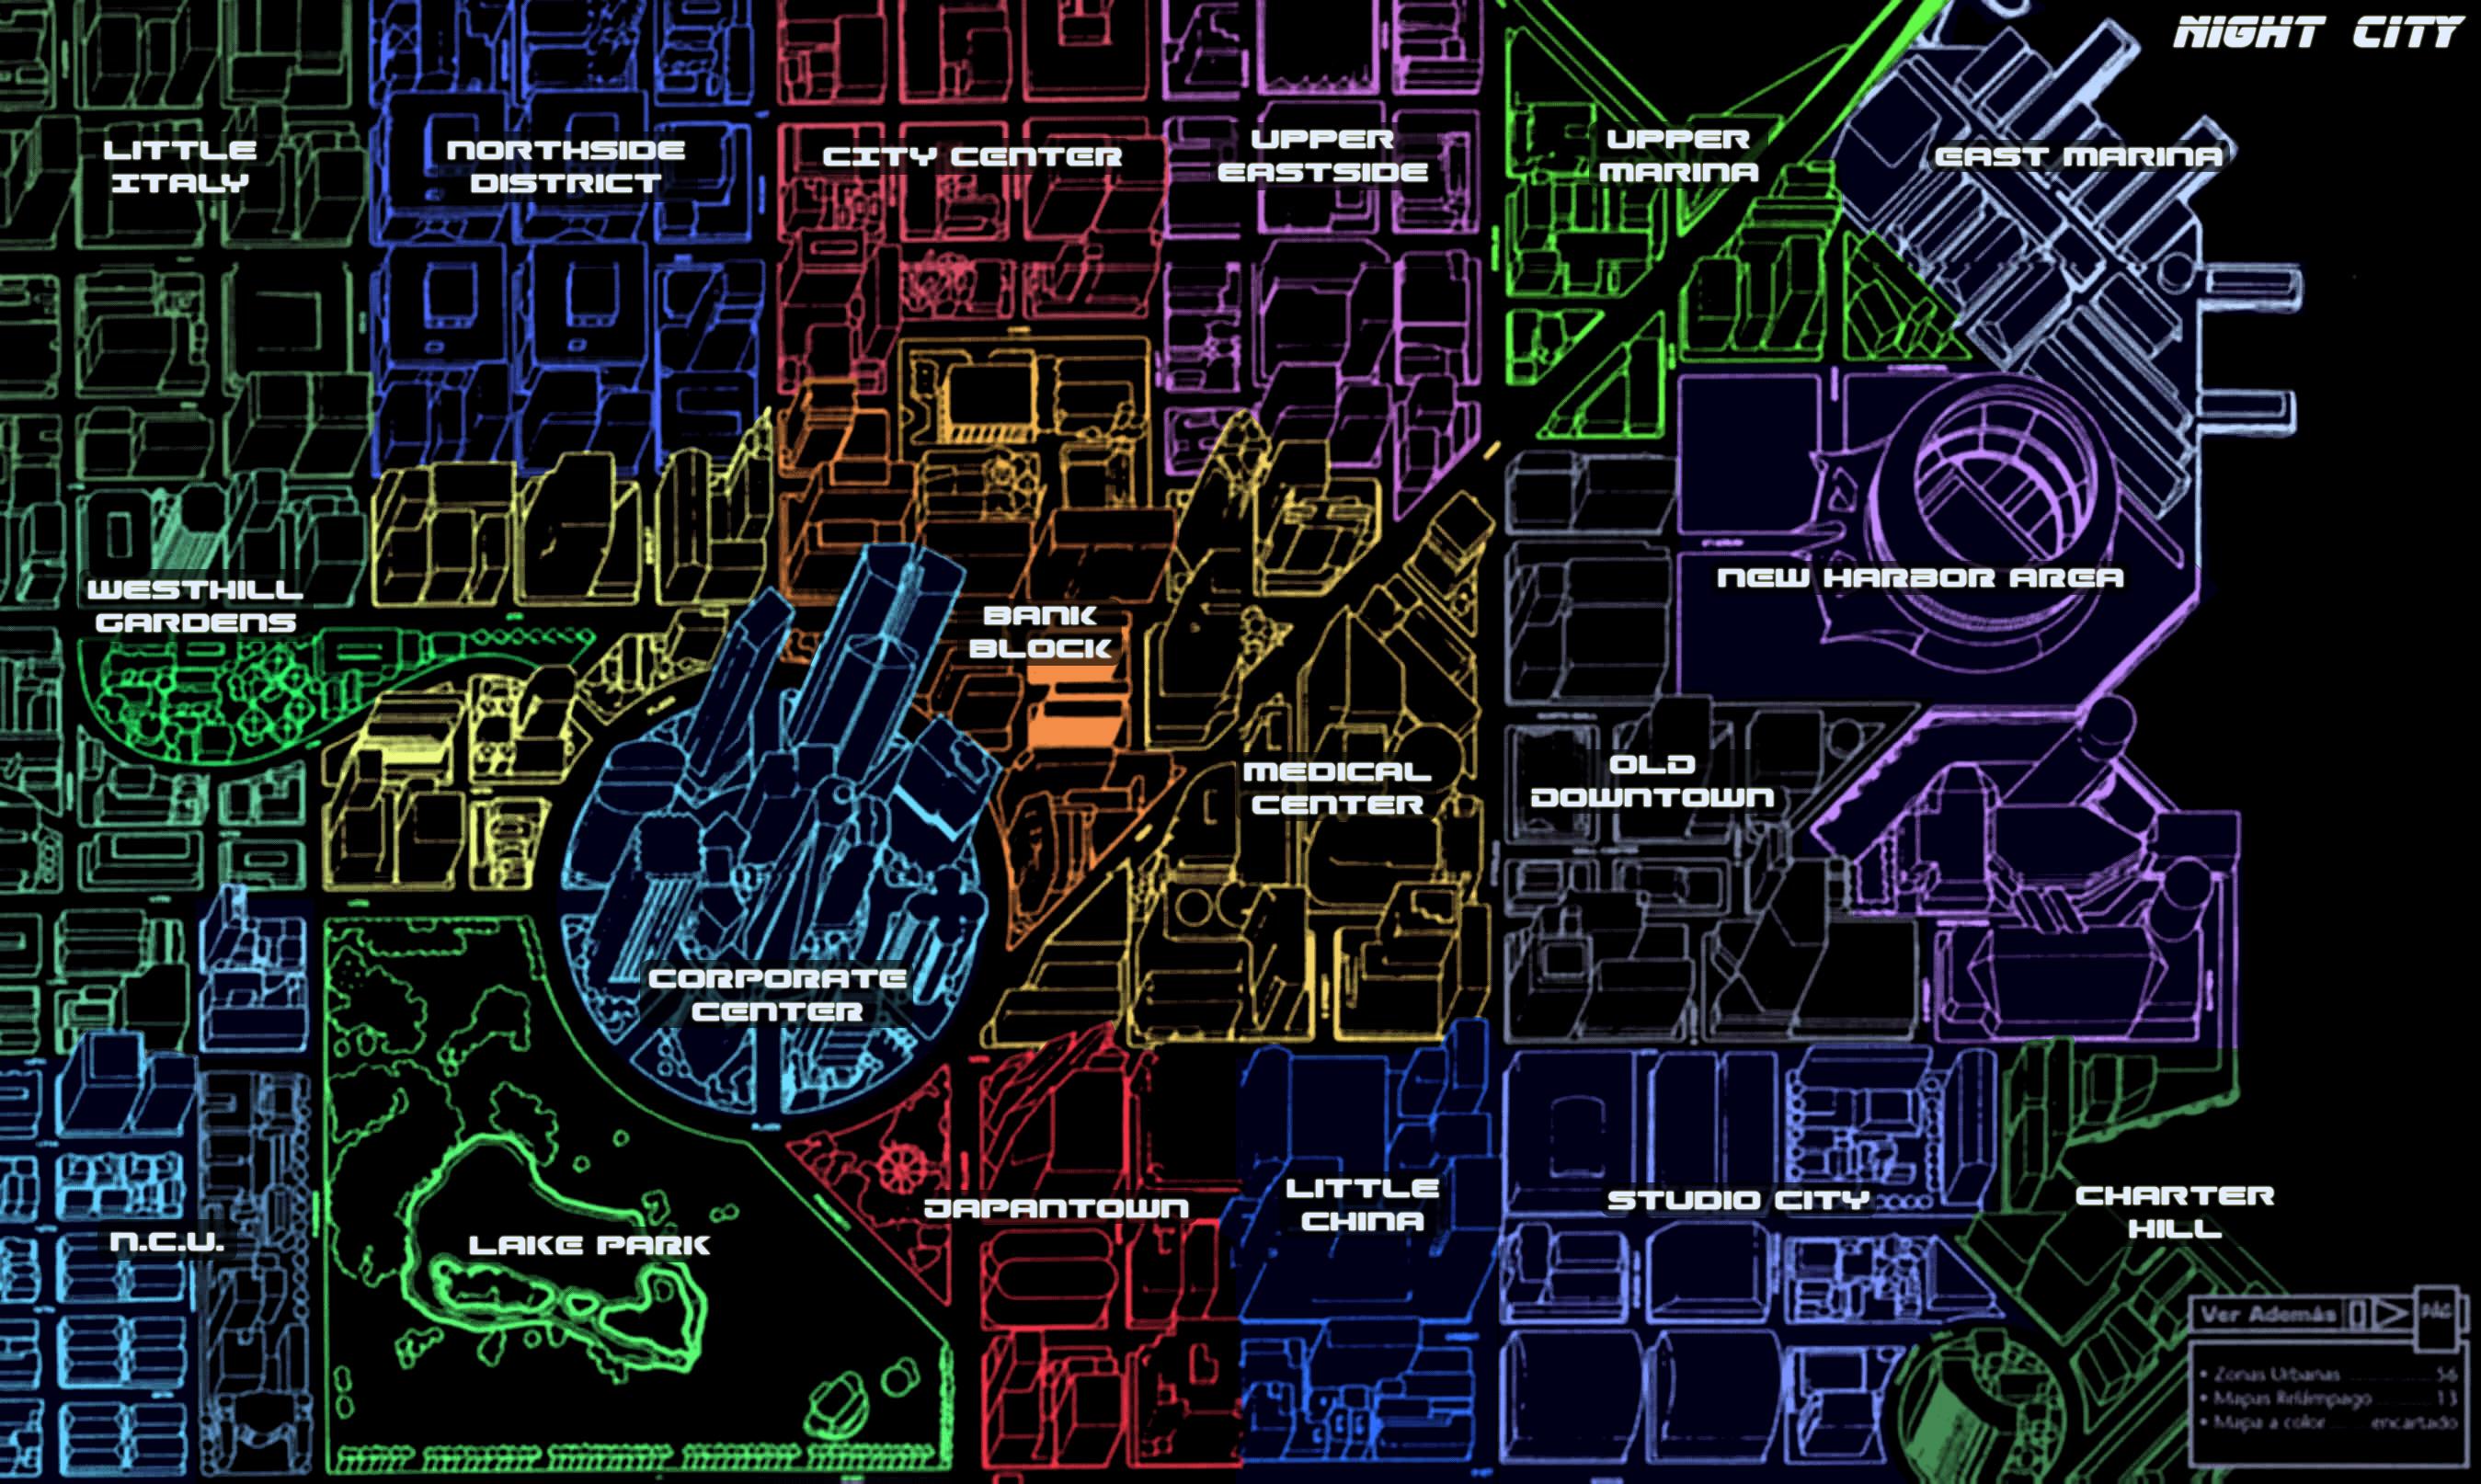 Хронология событий во вселенной Cyberpunk. - Изображение 2